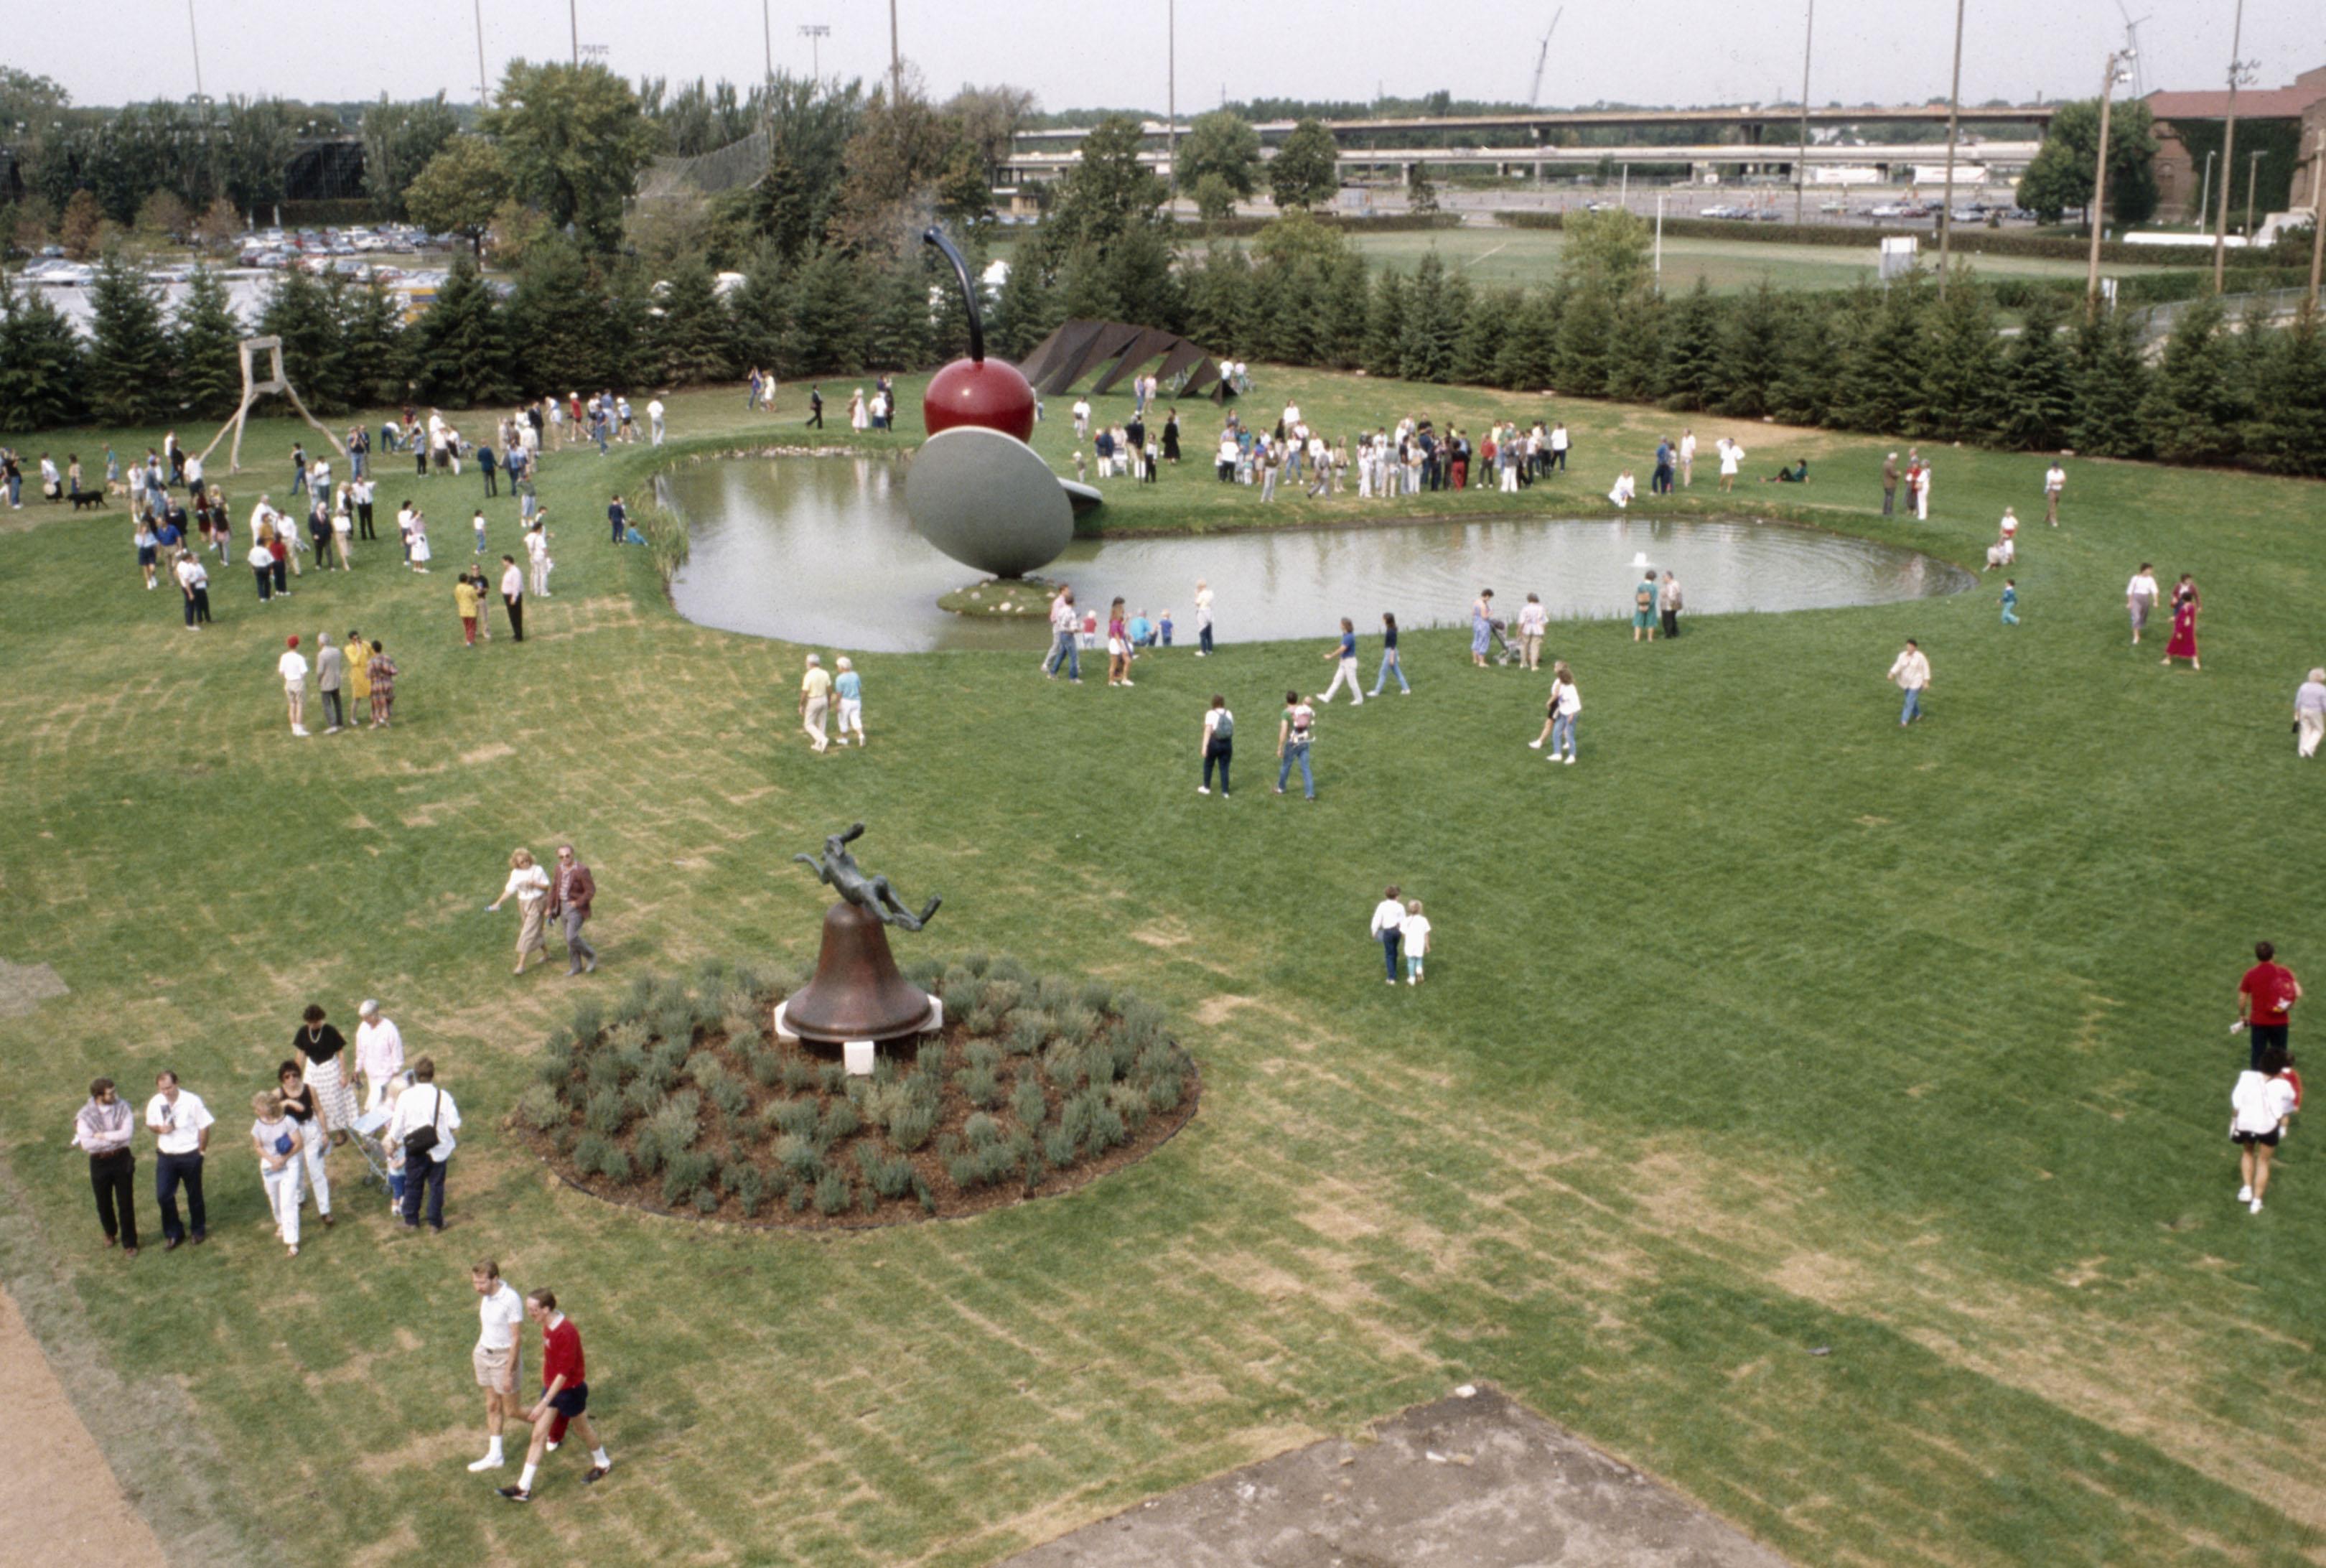 Imagenes del jard n de esculturas minneapolis - Esculturas para jardines ...